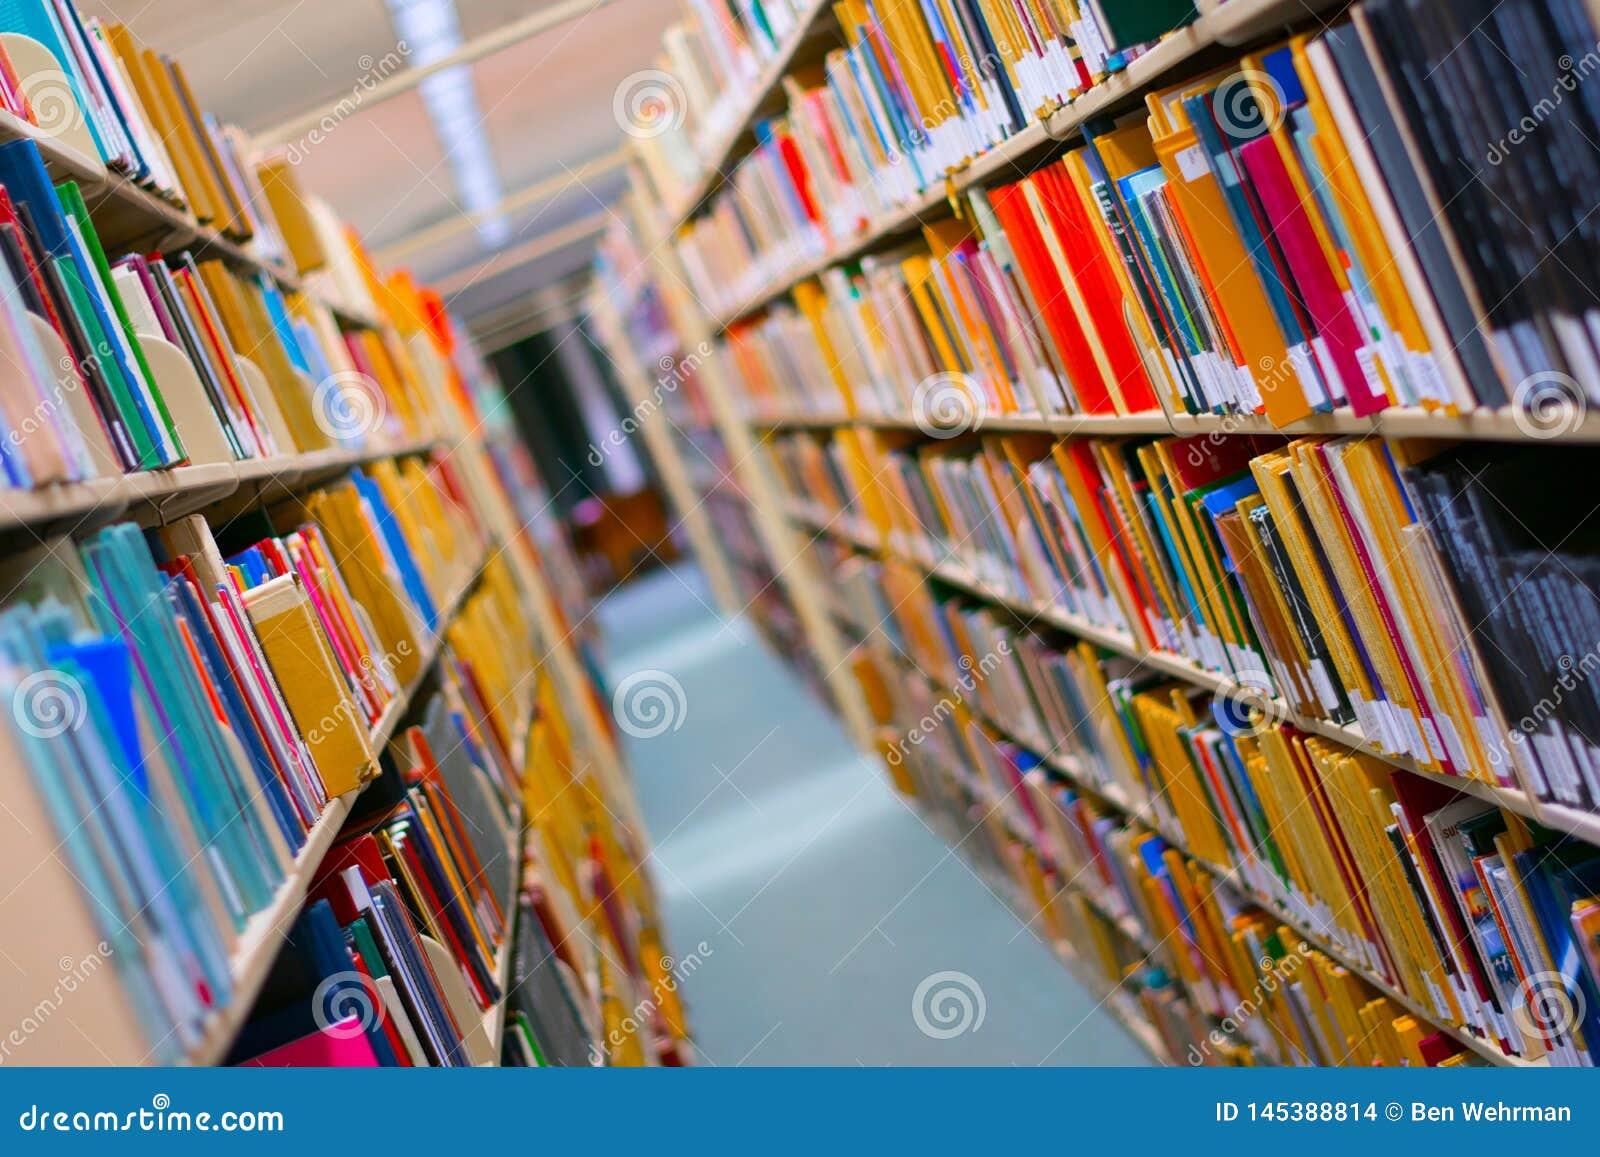 Ράφι σε μια βιβλιοθήκη